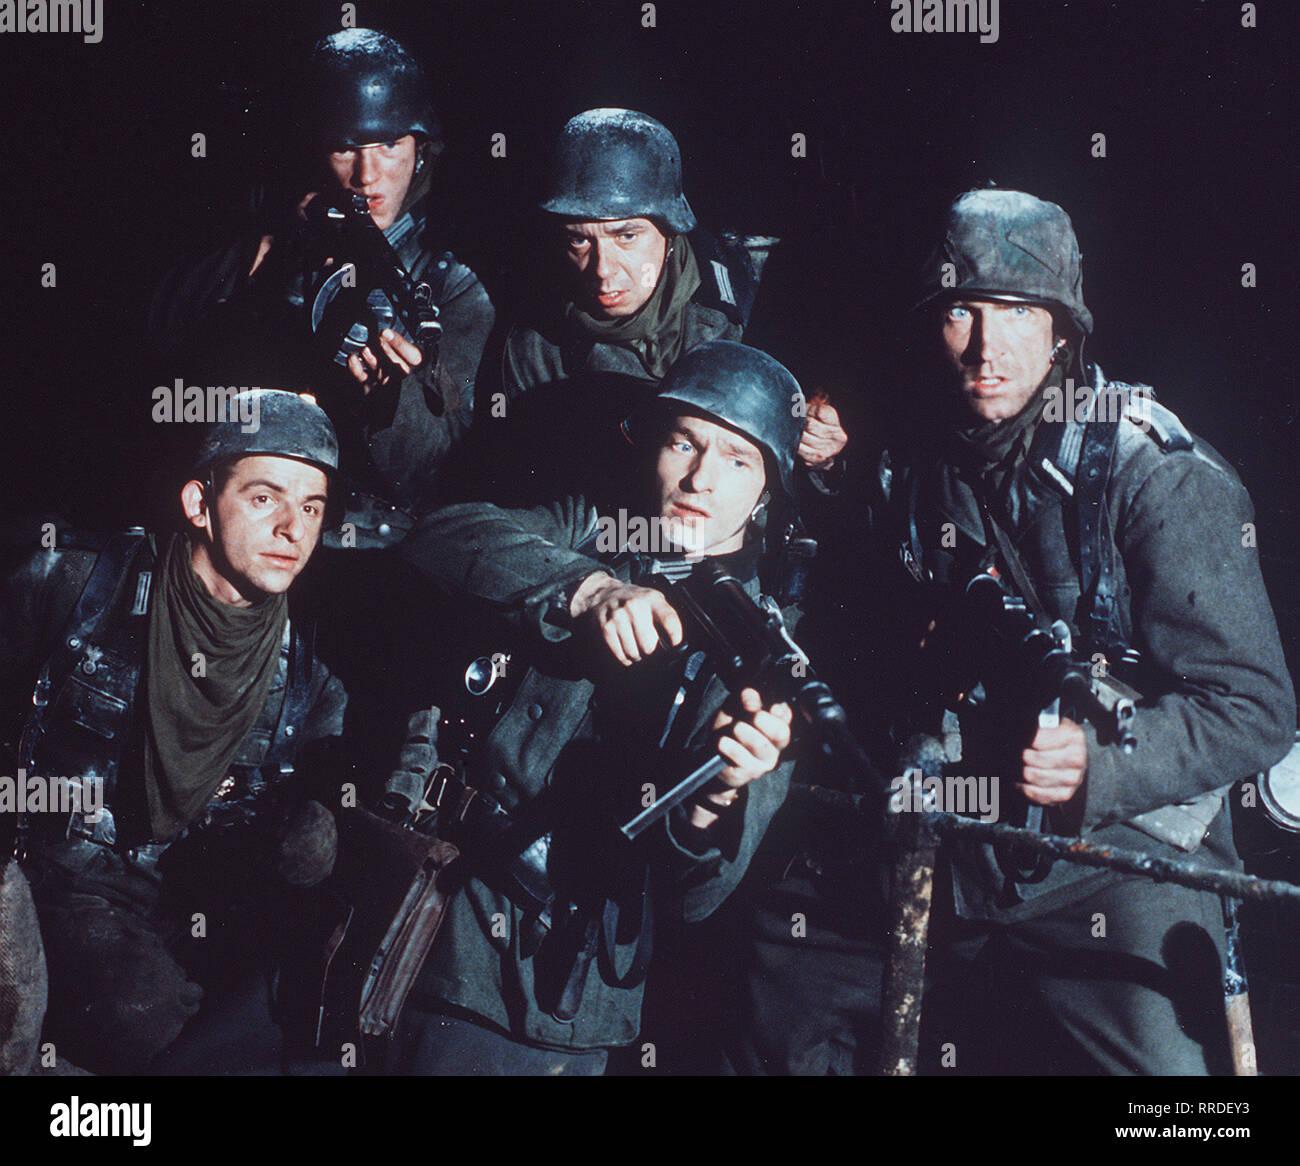 STALINGRAD / Ein Sturmbataillon der Wehrmacht wird im Sommer 1942 nach Rußland abkommandiert und in die Schlacht um die Industriestadt geschickt. Während die deutschen Soldaten sich in Mörderischen Häuserkämpfen aufreiben, umzingelt die Rote Armee die Stadt. Eine versprengte Gruppe Überlebender versucht zu desertieren. / DOMINIQUE HORWITZ - Fritz Reiser / SEBASTIAN RUDOLPH - Müller / HEINZ EMIGHOLZ / THOMAS KRETSCHMANN - Leutnant Hans von Witzland / JOCHEN NICKEL - Manfred Rohleder / 38348 / , 05DFAStalin2 / Überschrift: STALINGRAD / D 1992 Stock Photo